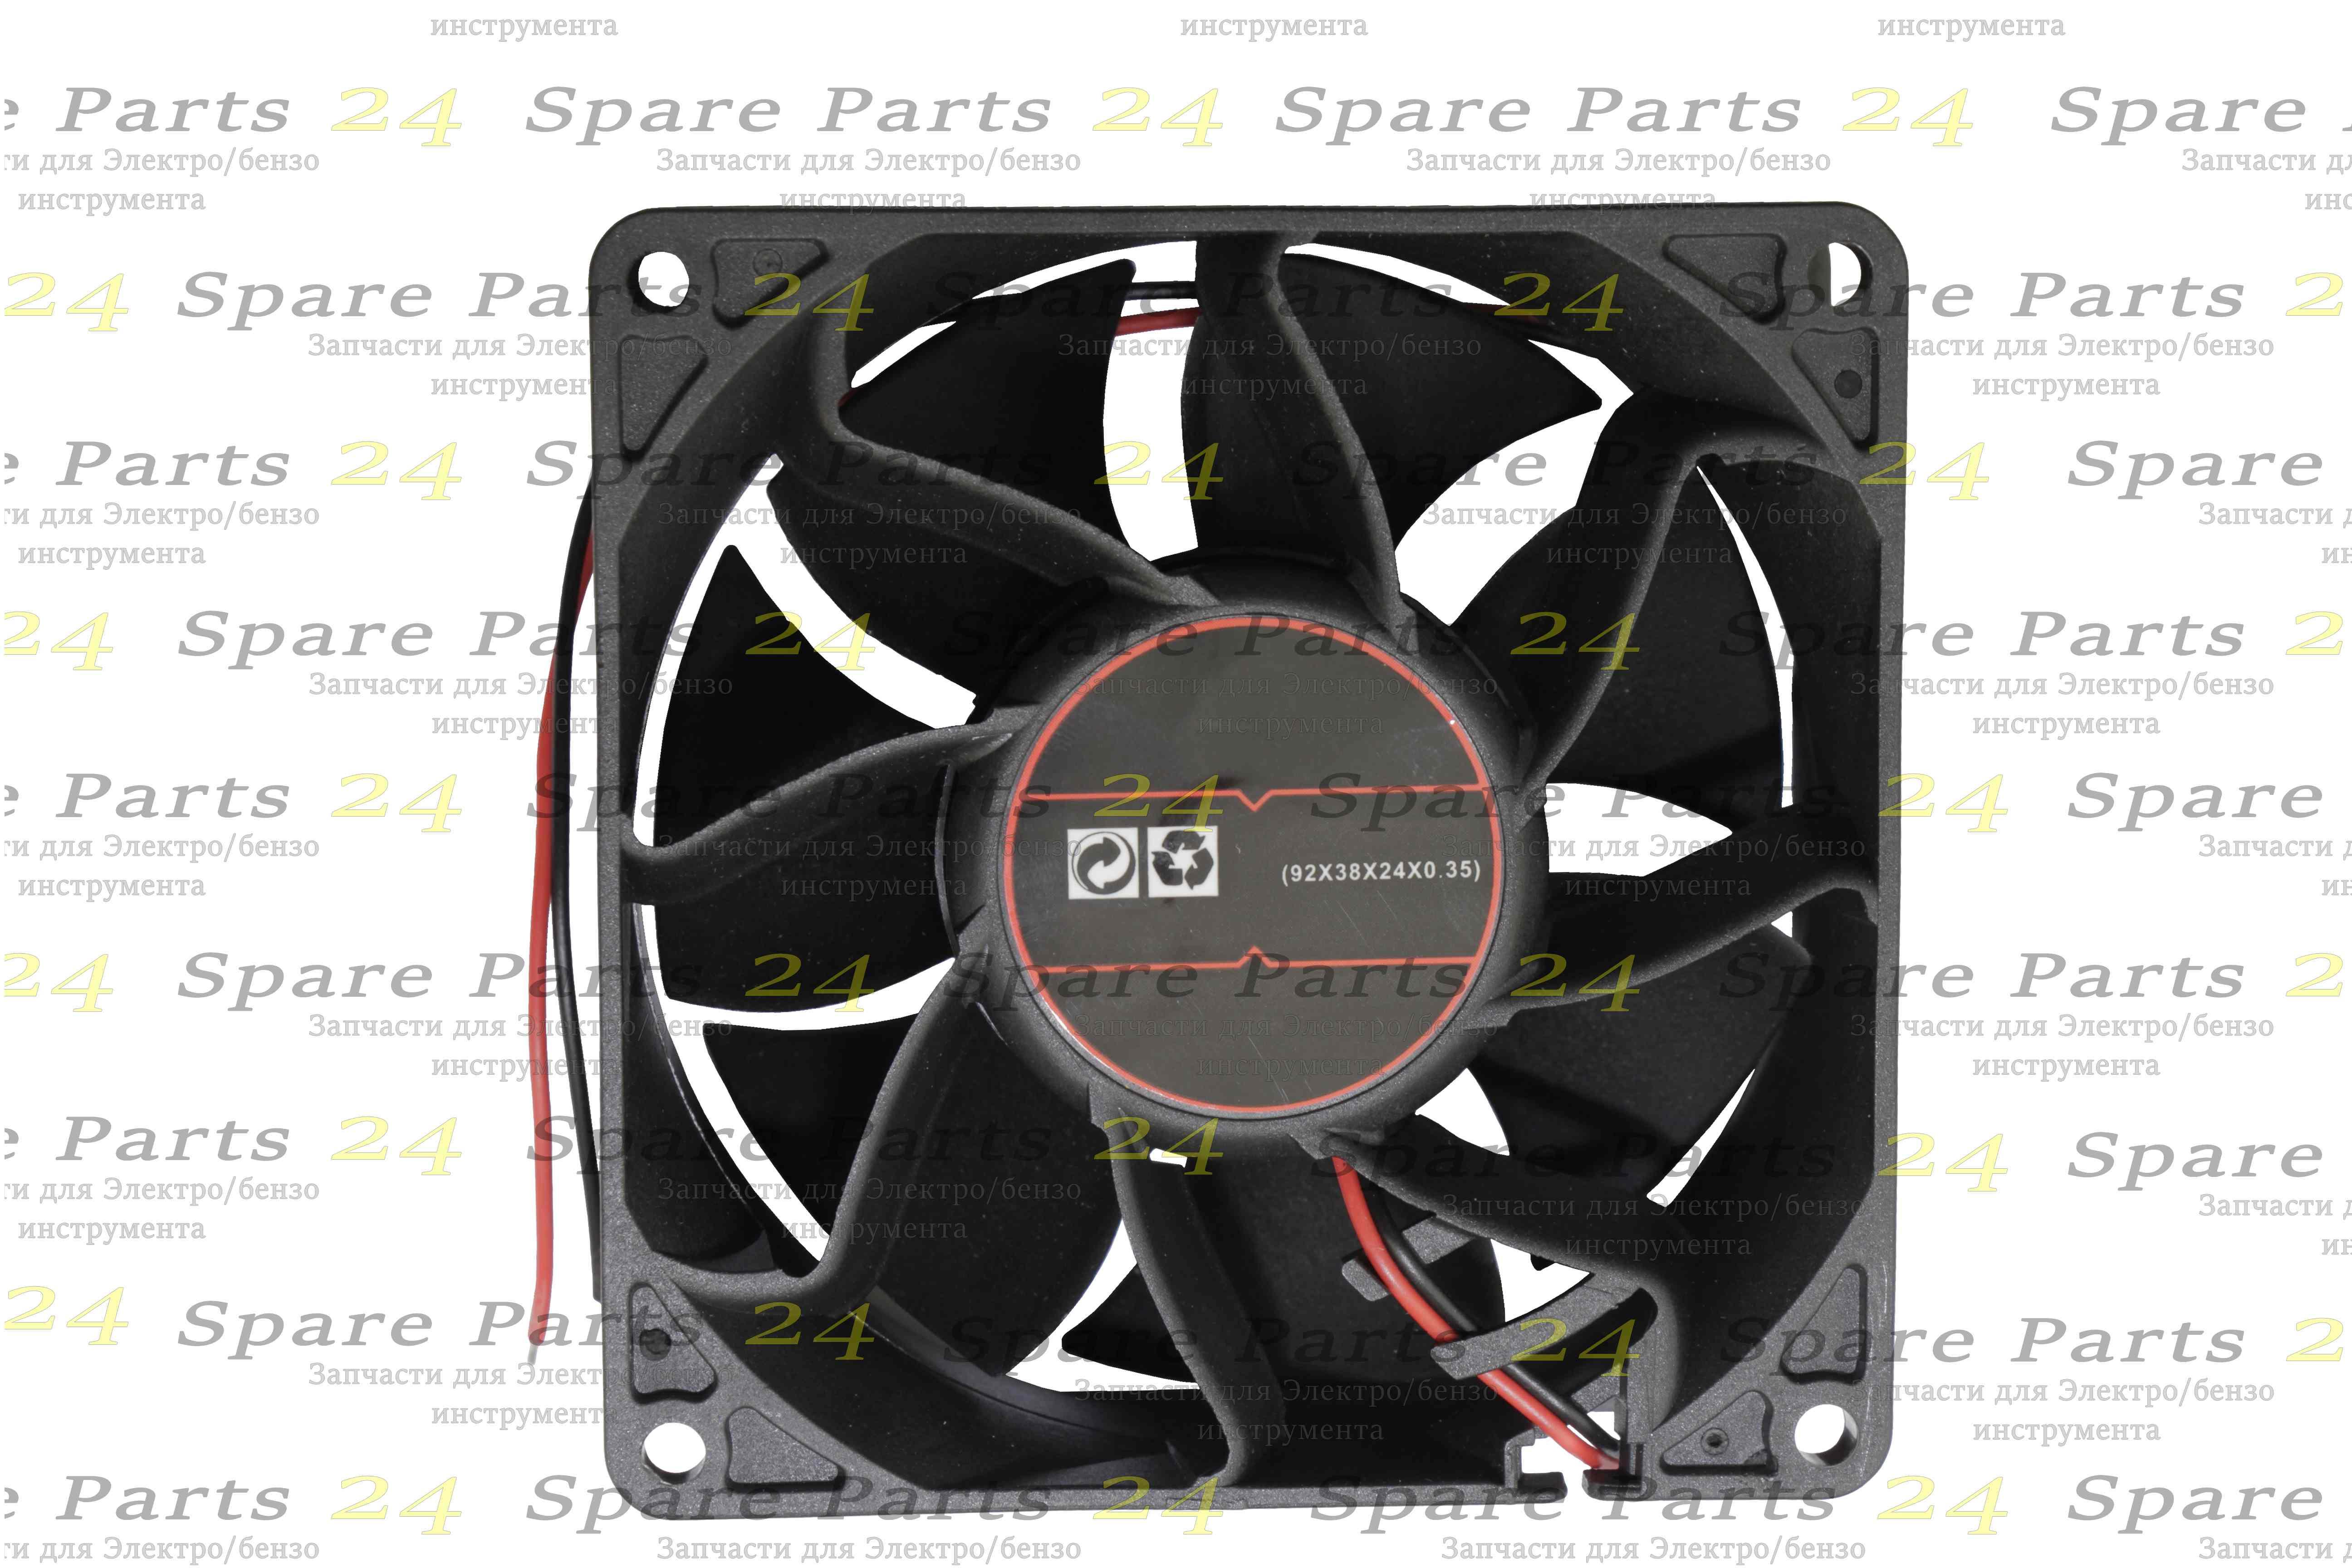 Запчасти для электроинструмента / Вентилятор для охлаждения техники (92х38х24х0,35)